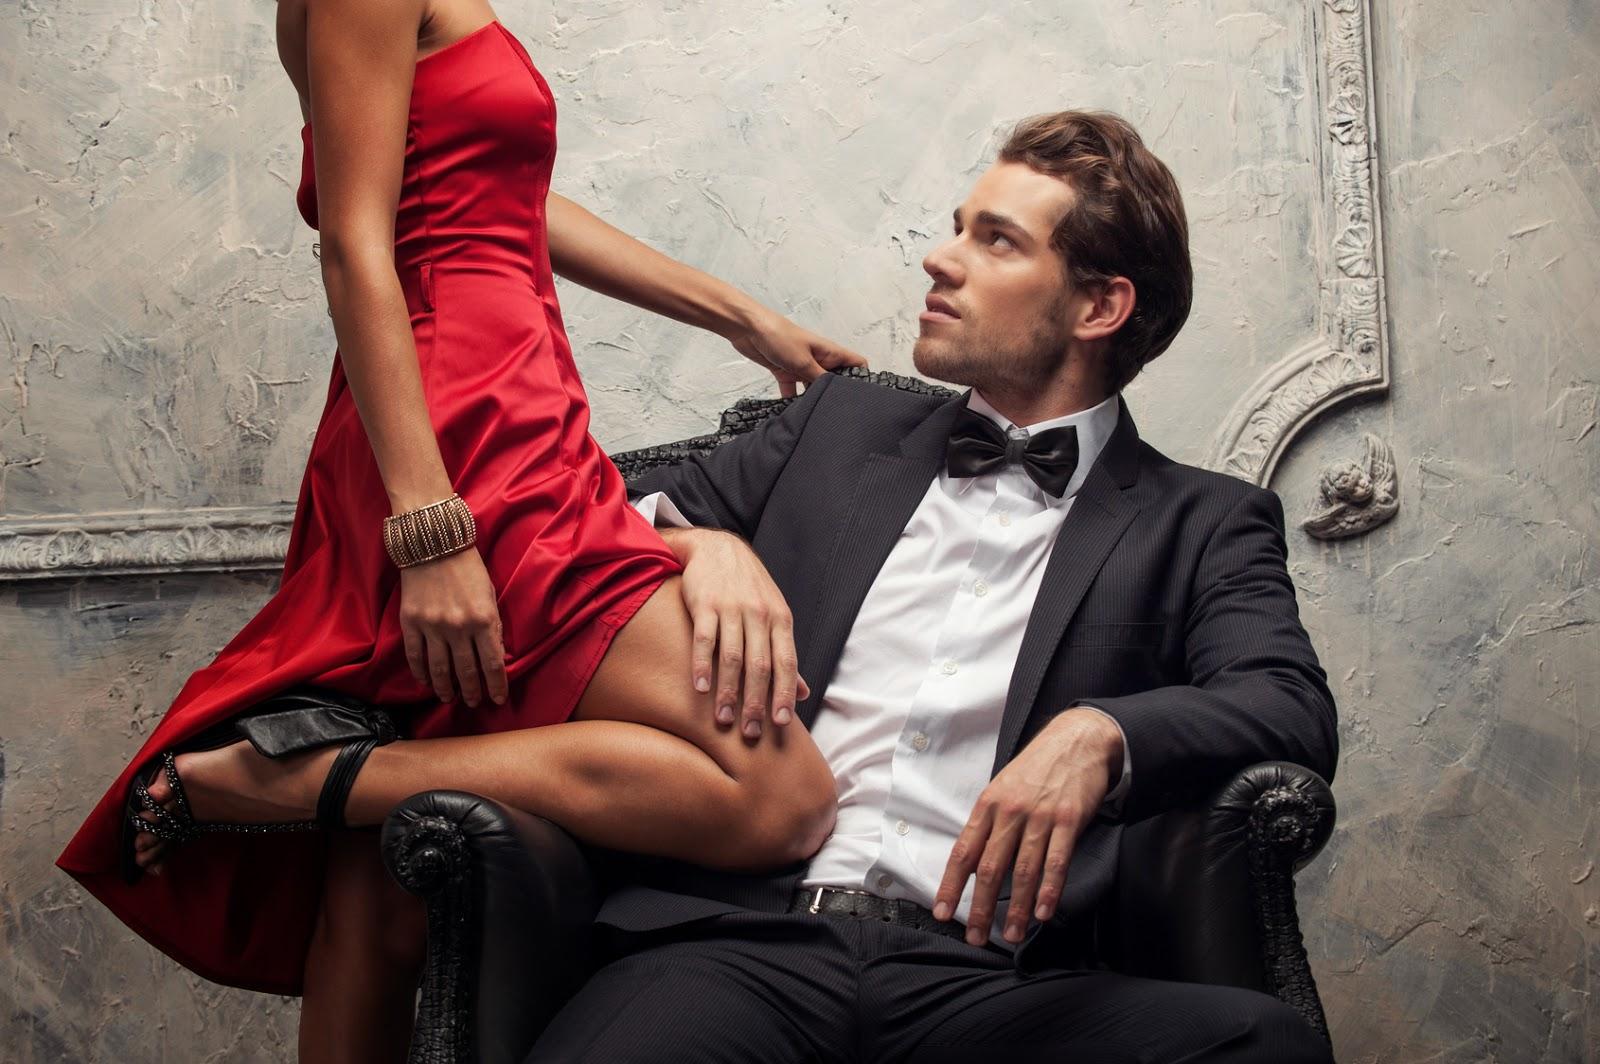 Tâm sự thầm kín của phụ nữ ngoại tình chưa bao giờ là lẽ đúng? - Ảnh 3